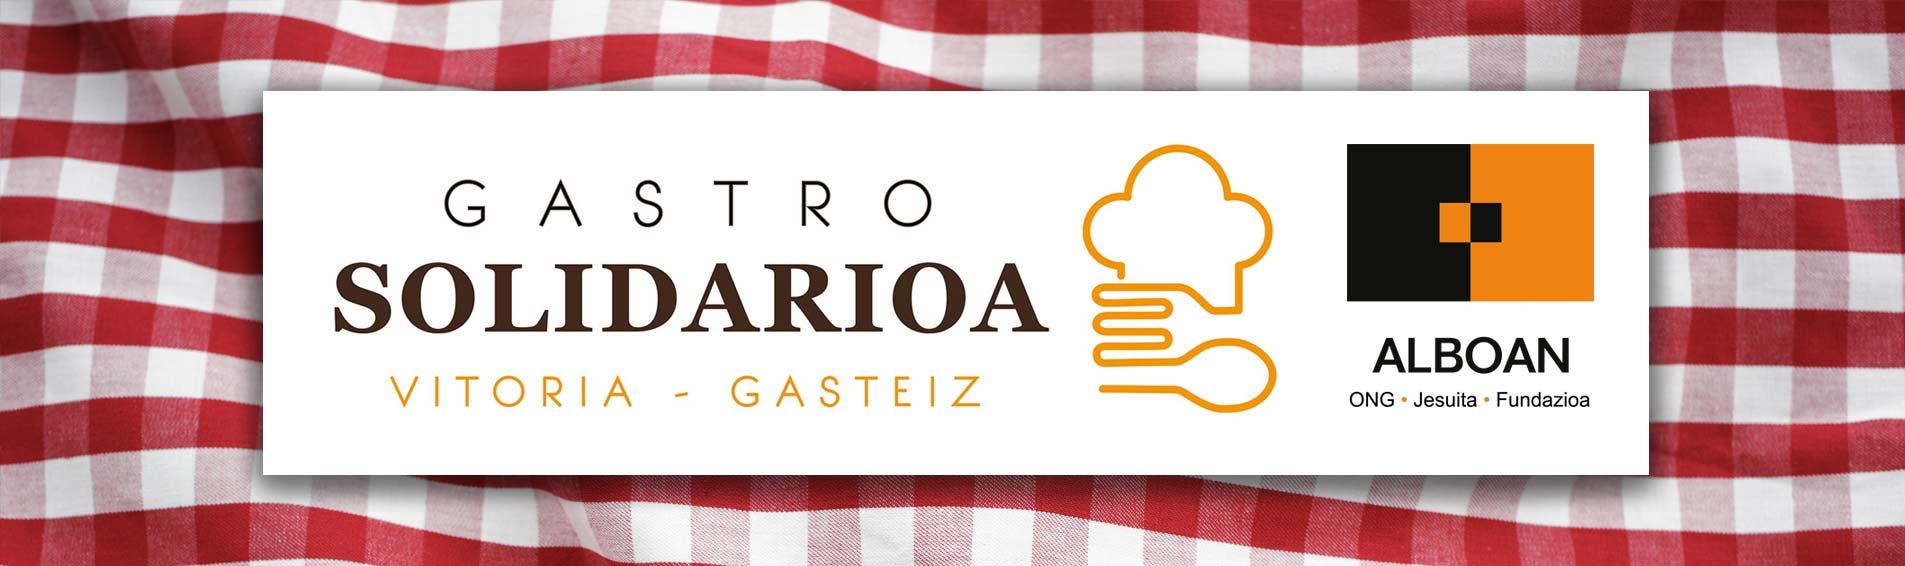 Gastro Solidarioa